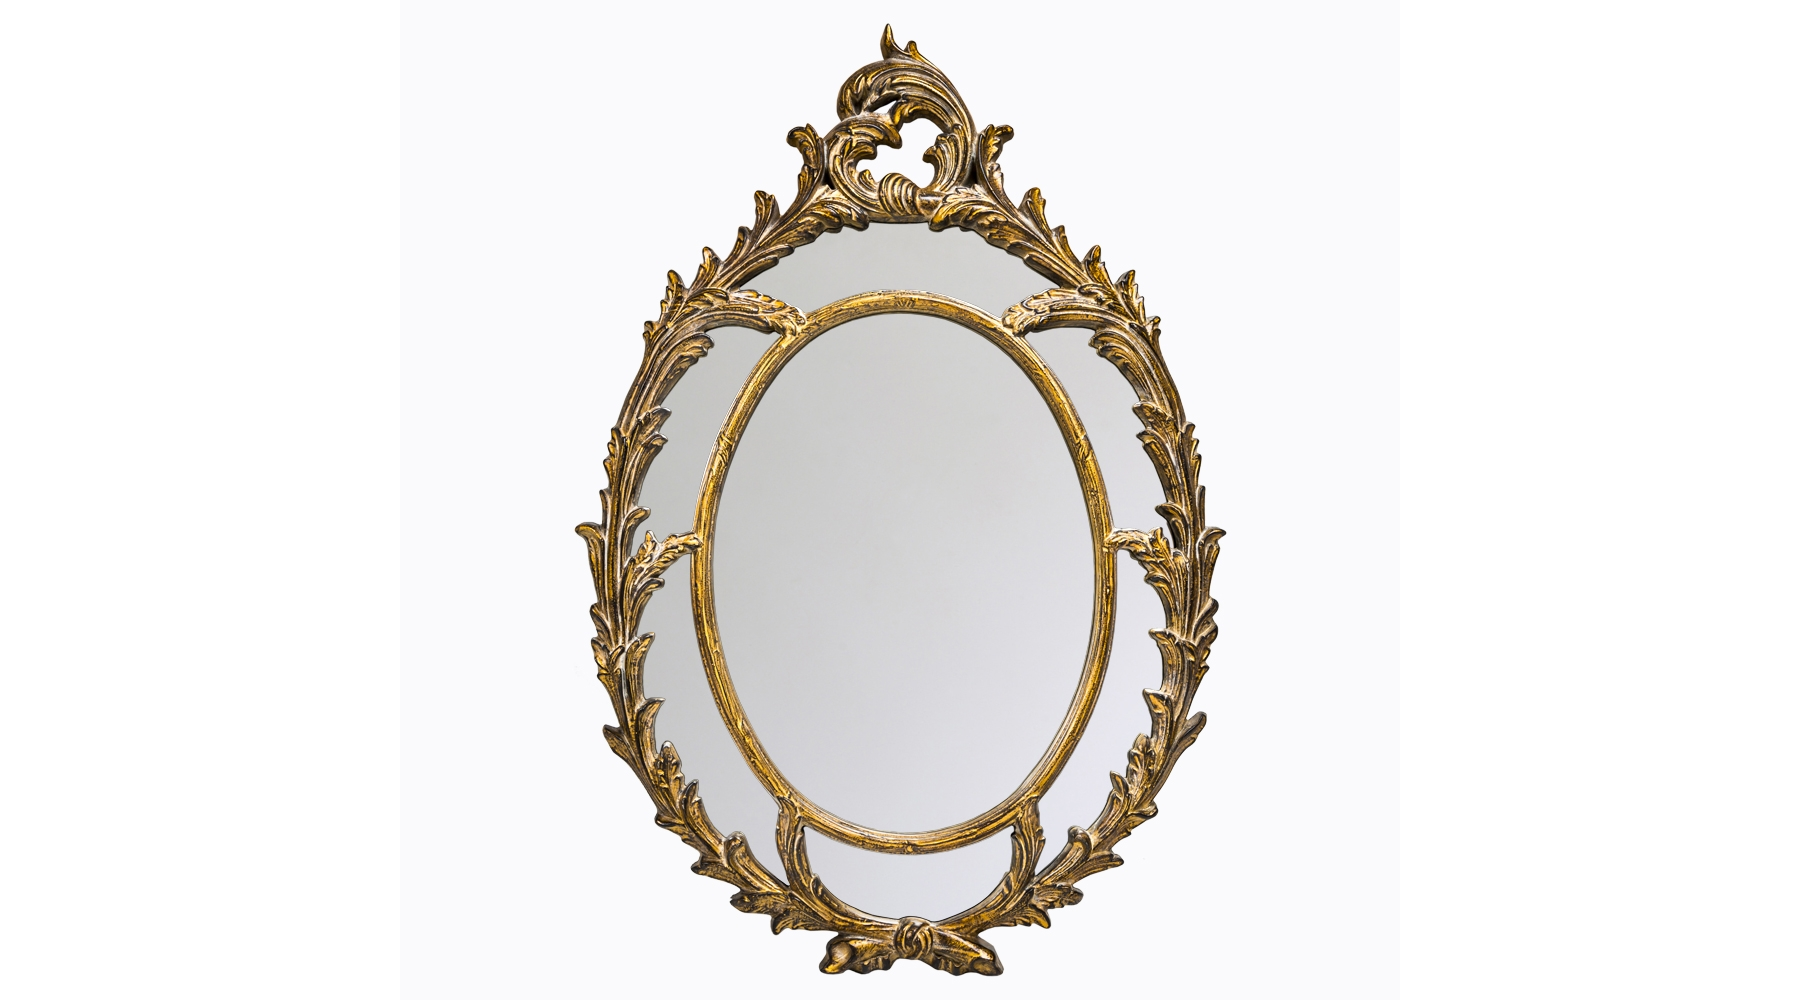 Настенное зеркало «Визави»Настенные зеркала<br>Роскошное зеркало в античном стиле – подходящее украшение для интерьеров в классическом стиле, а также ампир, прованс или французском. Резная рама с растительным орнаментом напоминает лавровые венки, которыми венчали головы римских цезарей. Сложное окрашивание в золотой цвет с чернением усиливает винтажный эффект. Обрамление изготовлено из мебельного полиуретана, необычайно прочного материала. На его поверхности не образуется сколов и трещин, прослужит такое изделие многие годы. Зеркальная поверхность в 5 мм толщиной покрыта слоем серебряной амальгамы. Вес зеркала – 10,2 кг.<br><br>Material: Полиуретан